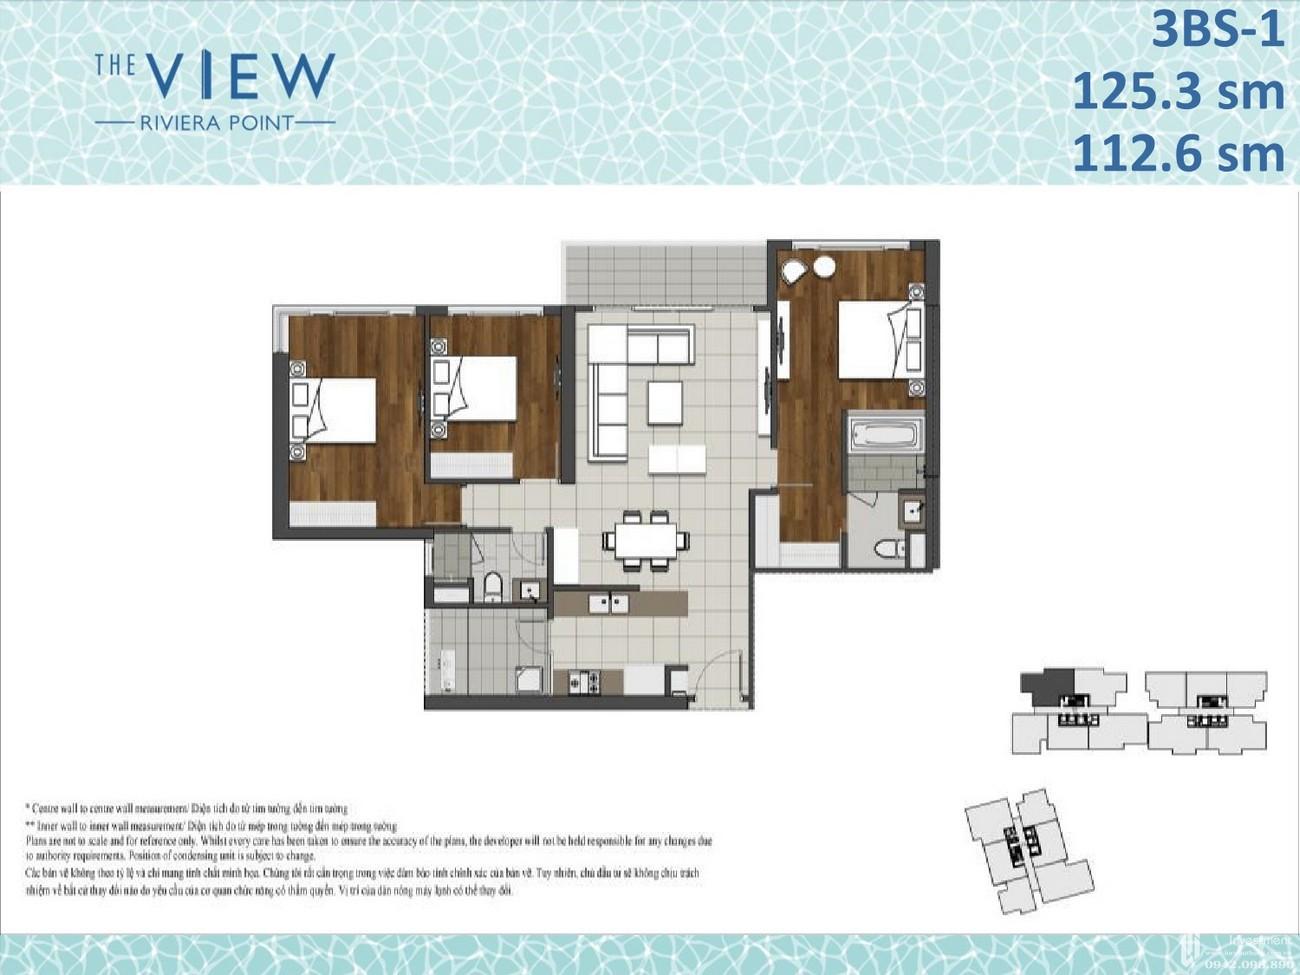 Thiết kế dự án căn hộ chung cư The View Riviera Point Quận 7 Đường Huỳnh Tấn Phát chủ đầu tư Keppel Land